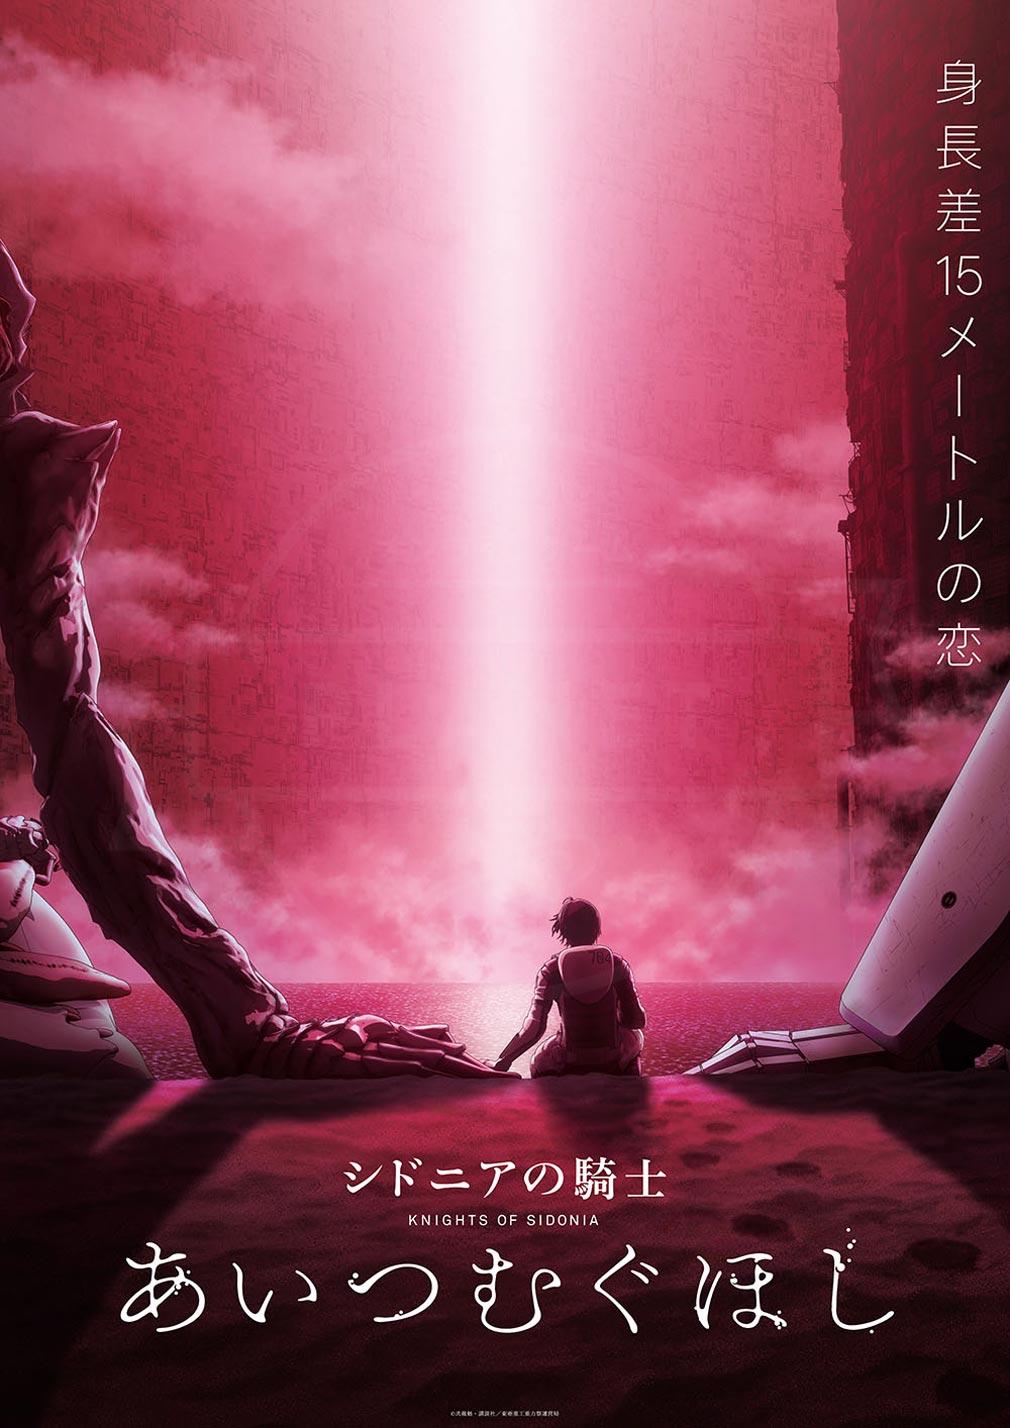 劇場アニメーション映画『シドニアの騎士 あいつむぐほし』キービジュアル